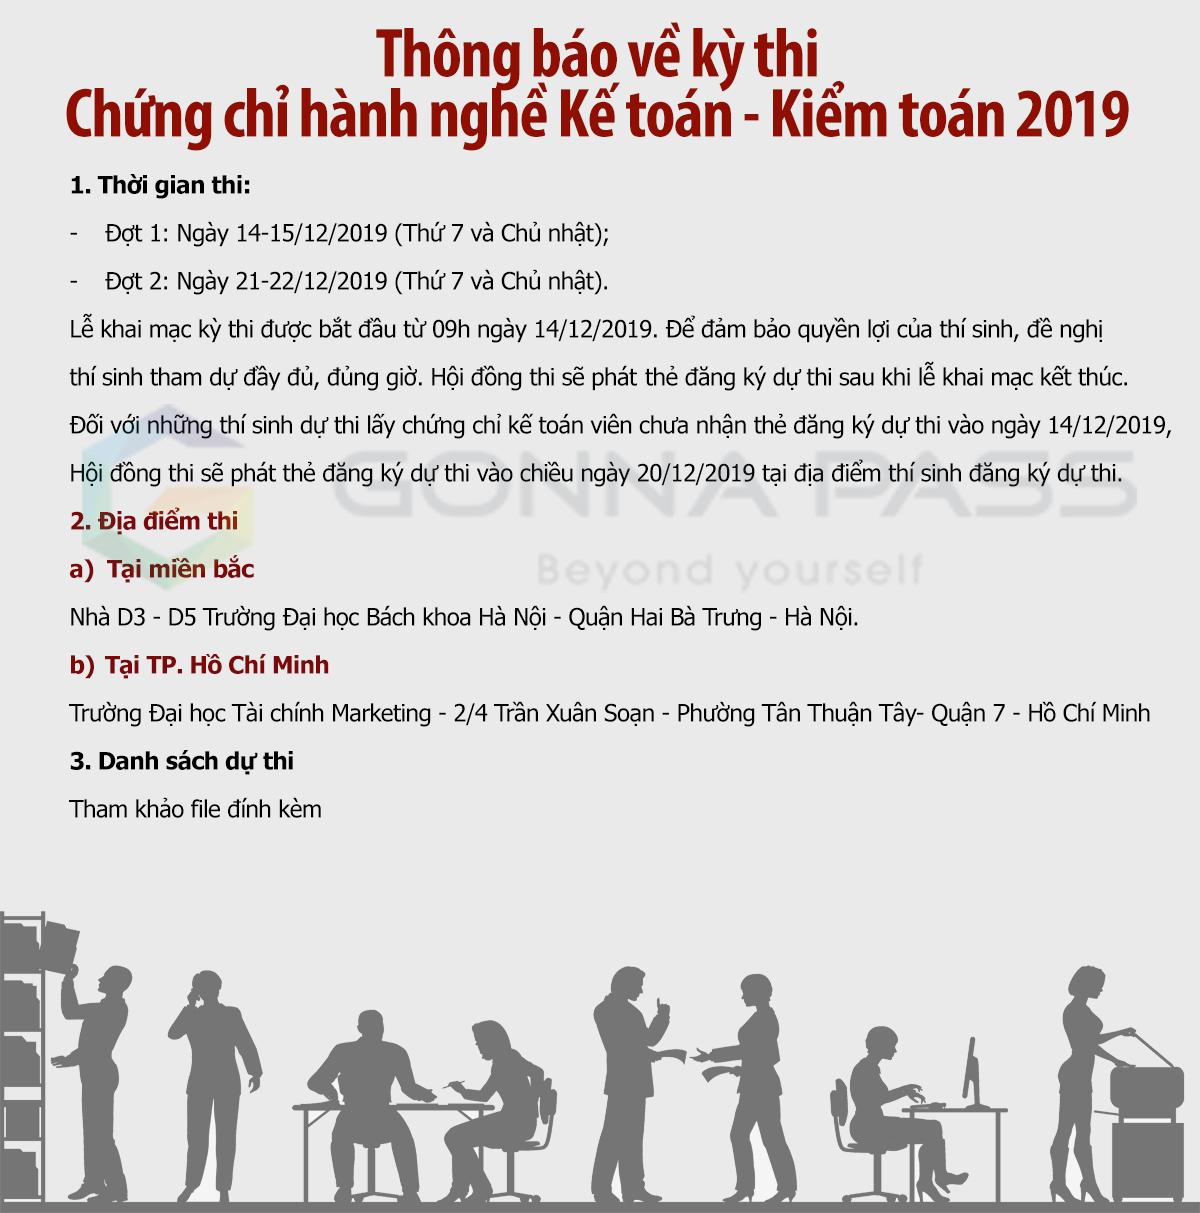 Lịch thi chính thức của kỳ thi chứng chỉ hành nghề Kế toán – Kiểm toán 2019